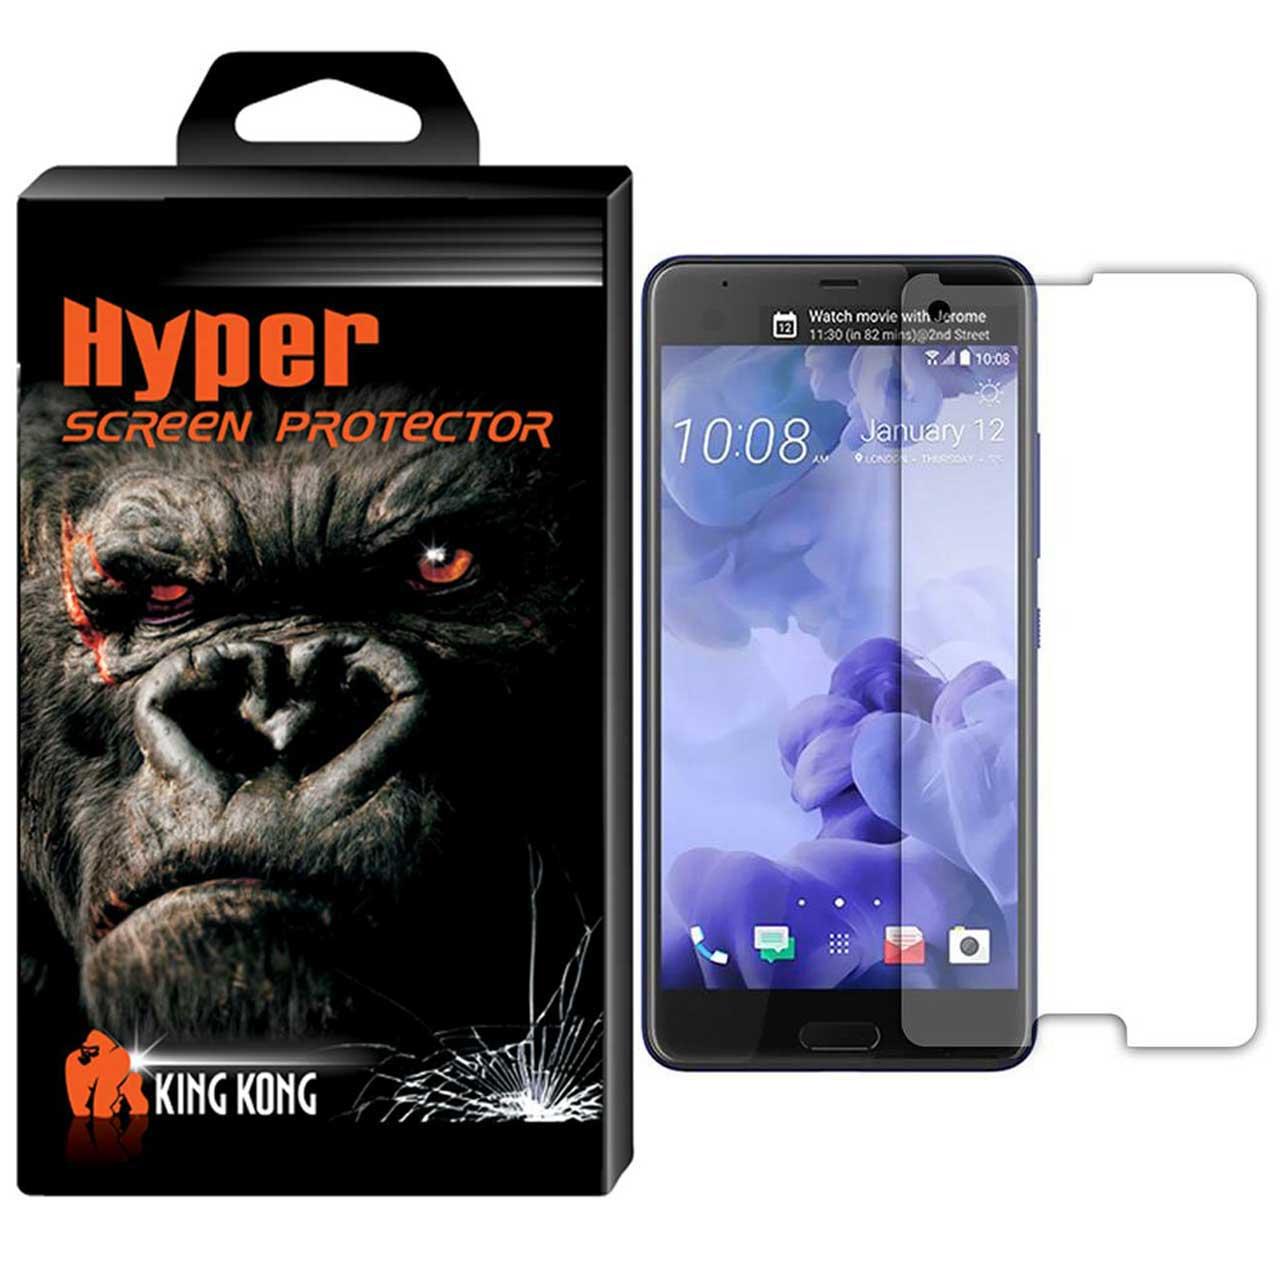 محافظ صفحه نمایش تی پی یو کینگ کونگ مدل Hyper Fullcover مناسب برای گوشی اچ تی سی U Ultra